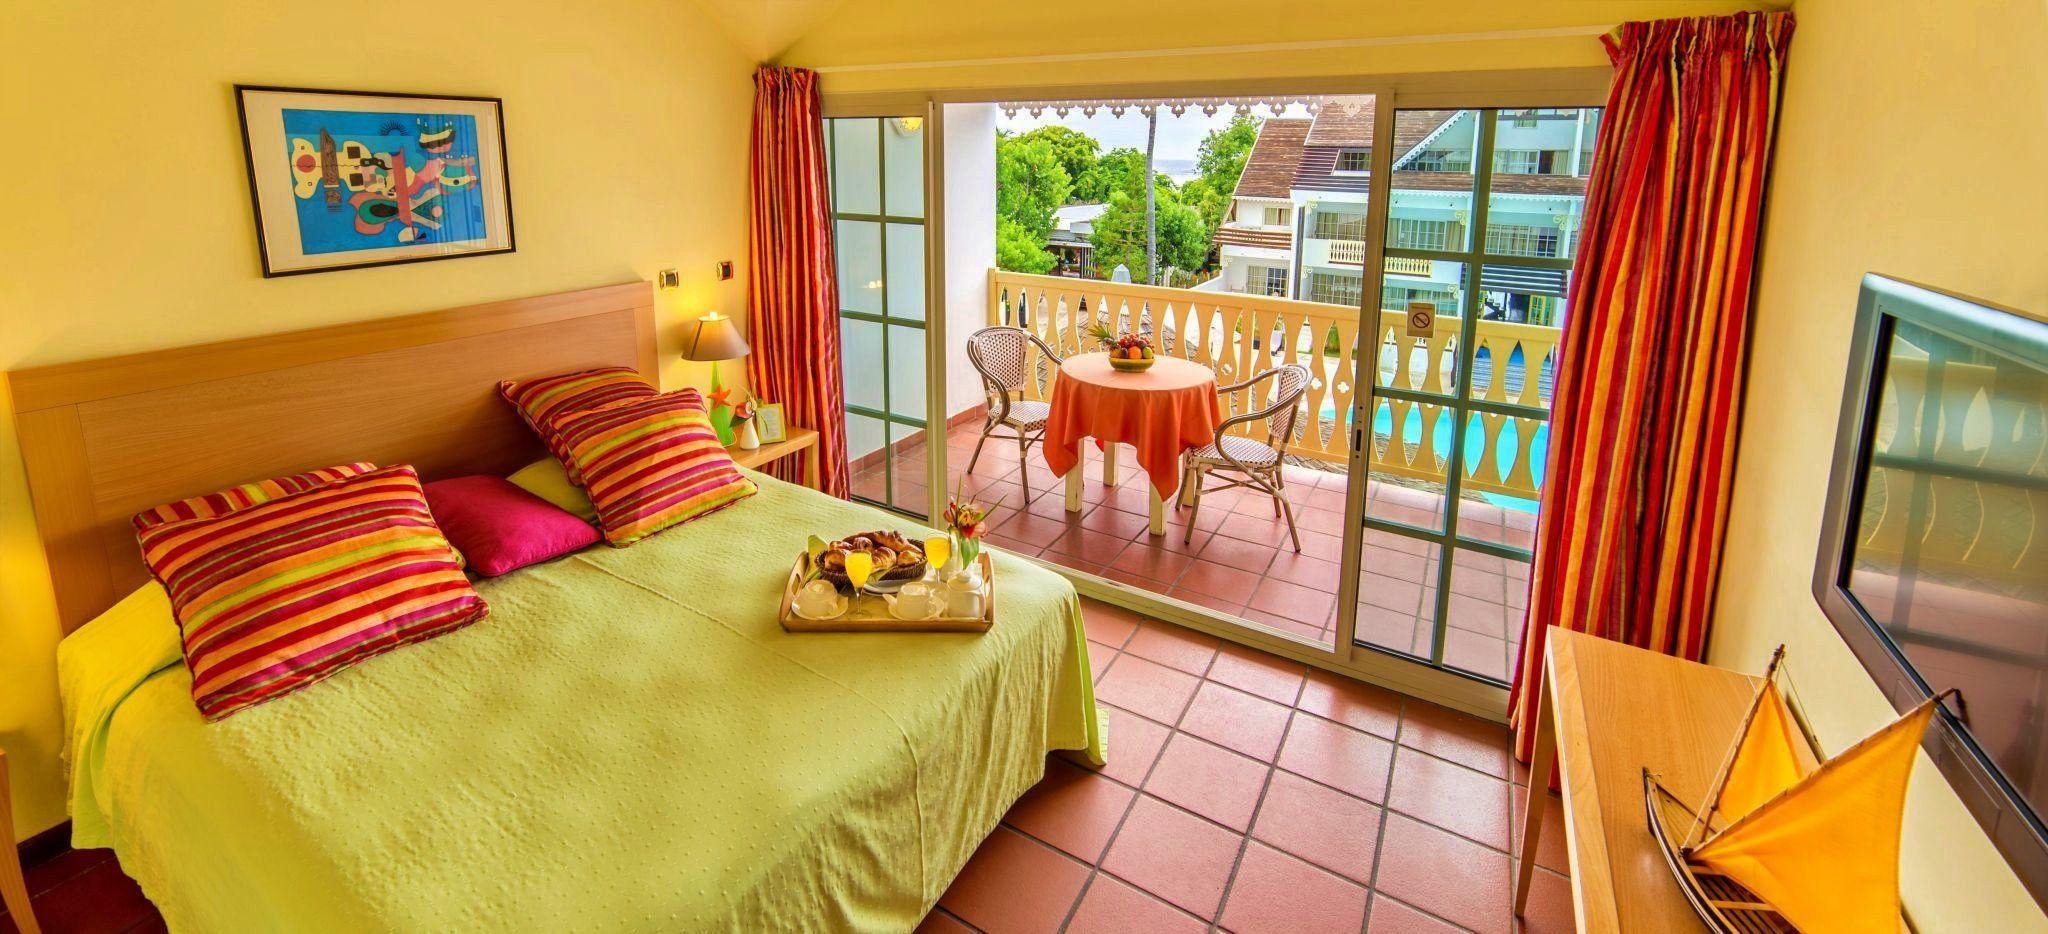 Ein Schlafzimmer im Hotel Le Nautile auf La Réunion